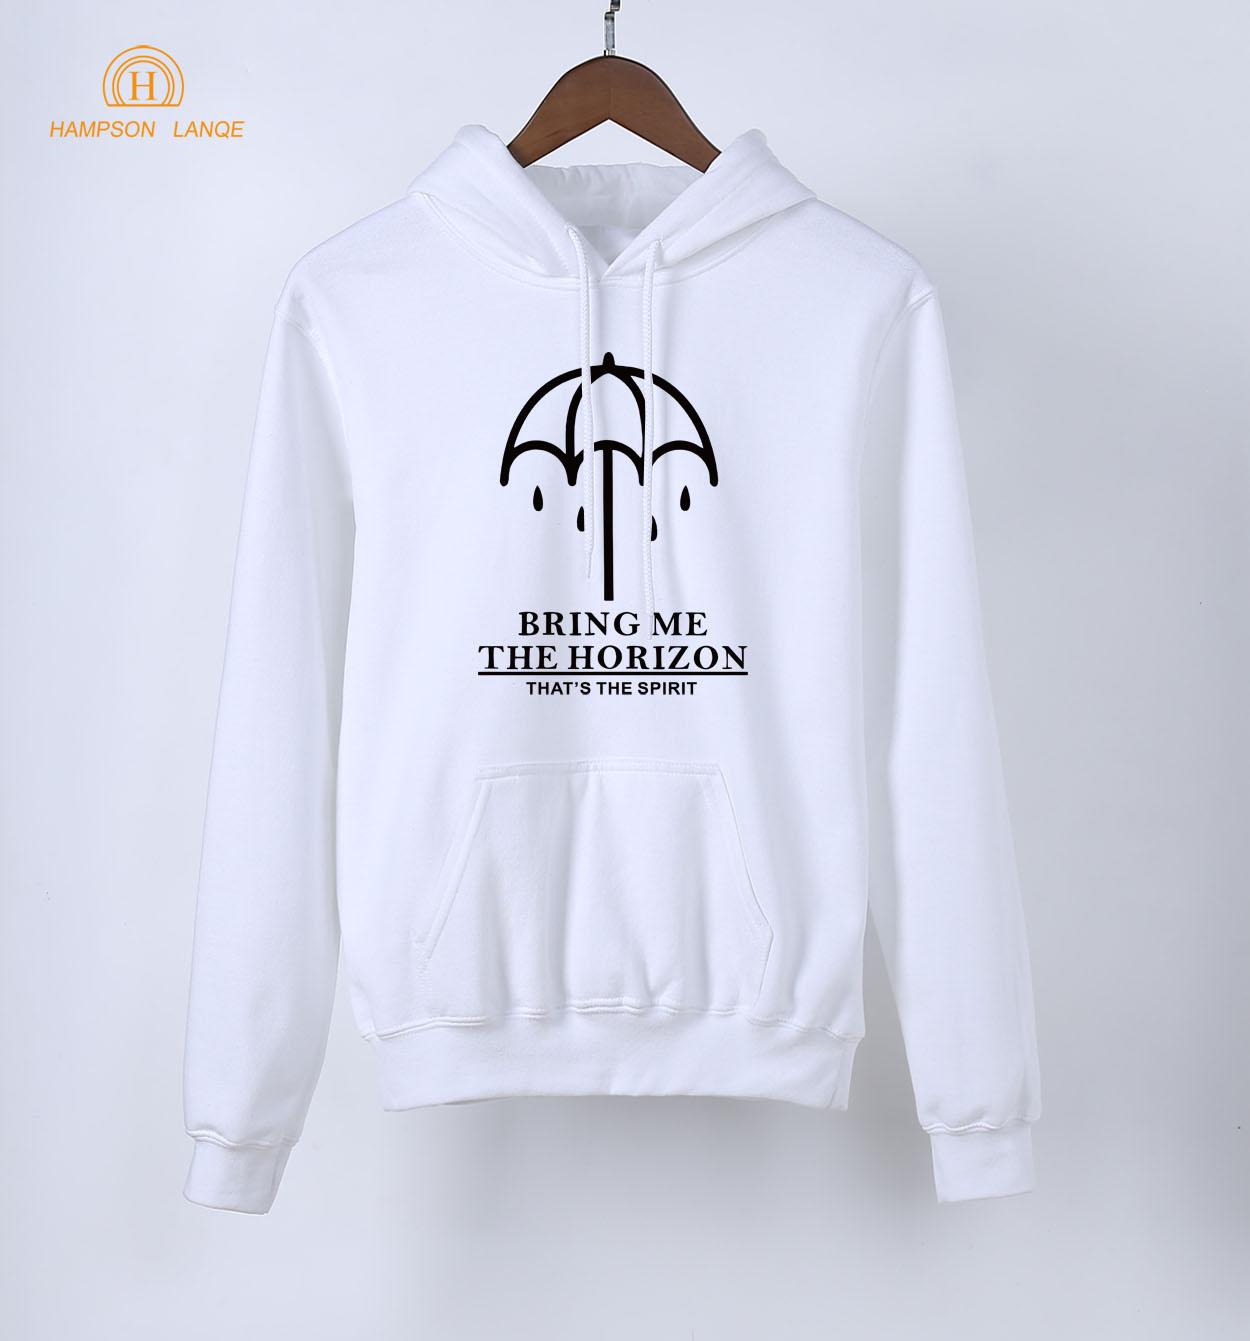 100% QualitäT Berühmte Band Bring Me The Horizon Erwachsene Langarm Mit Kapuze Frauen 2019 Frühling Herbst Frauen Pullover Sweatshirt Schwarz Weiß Grau